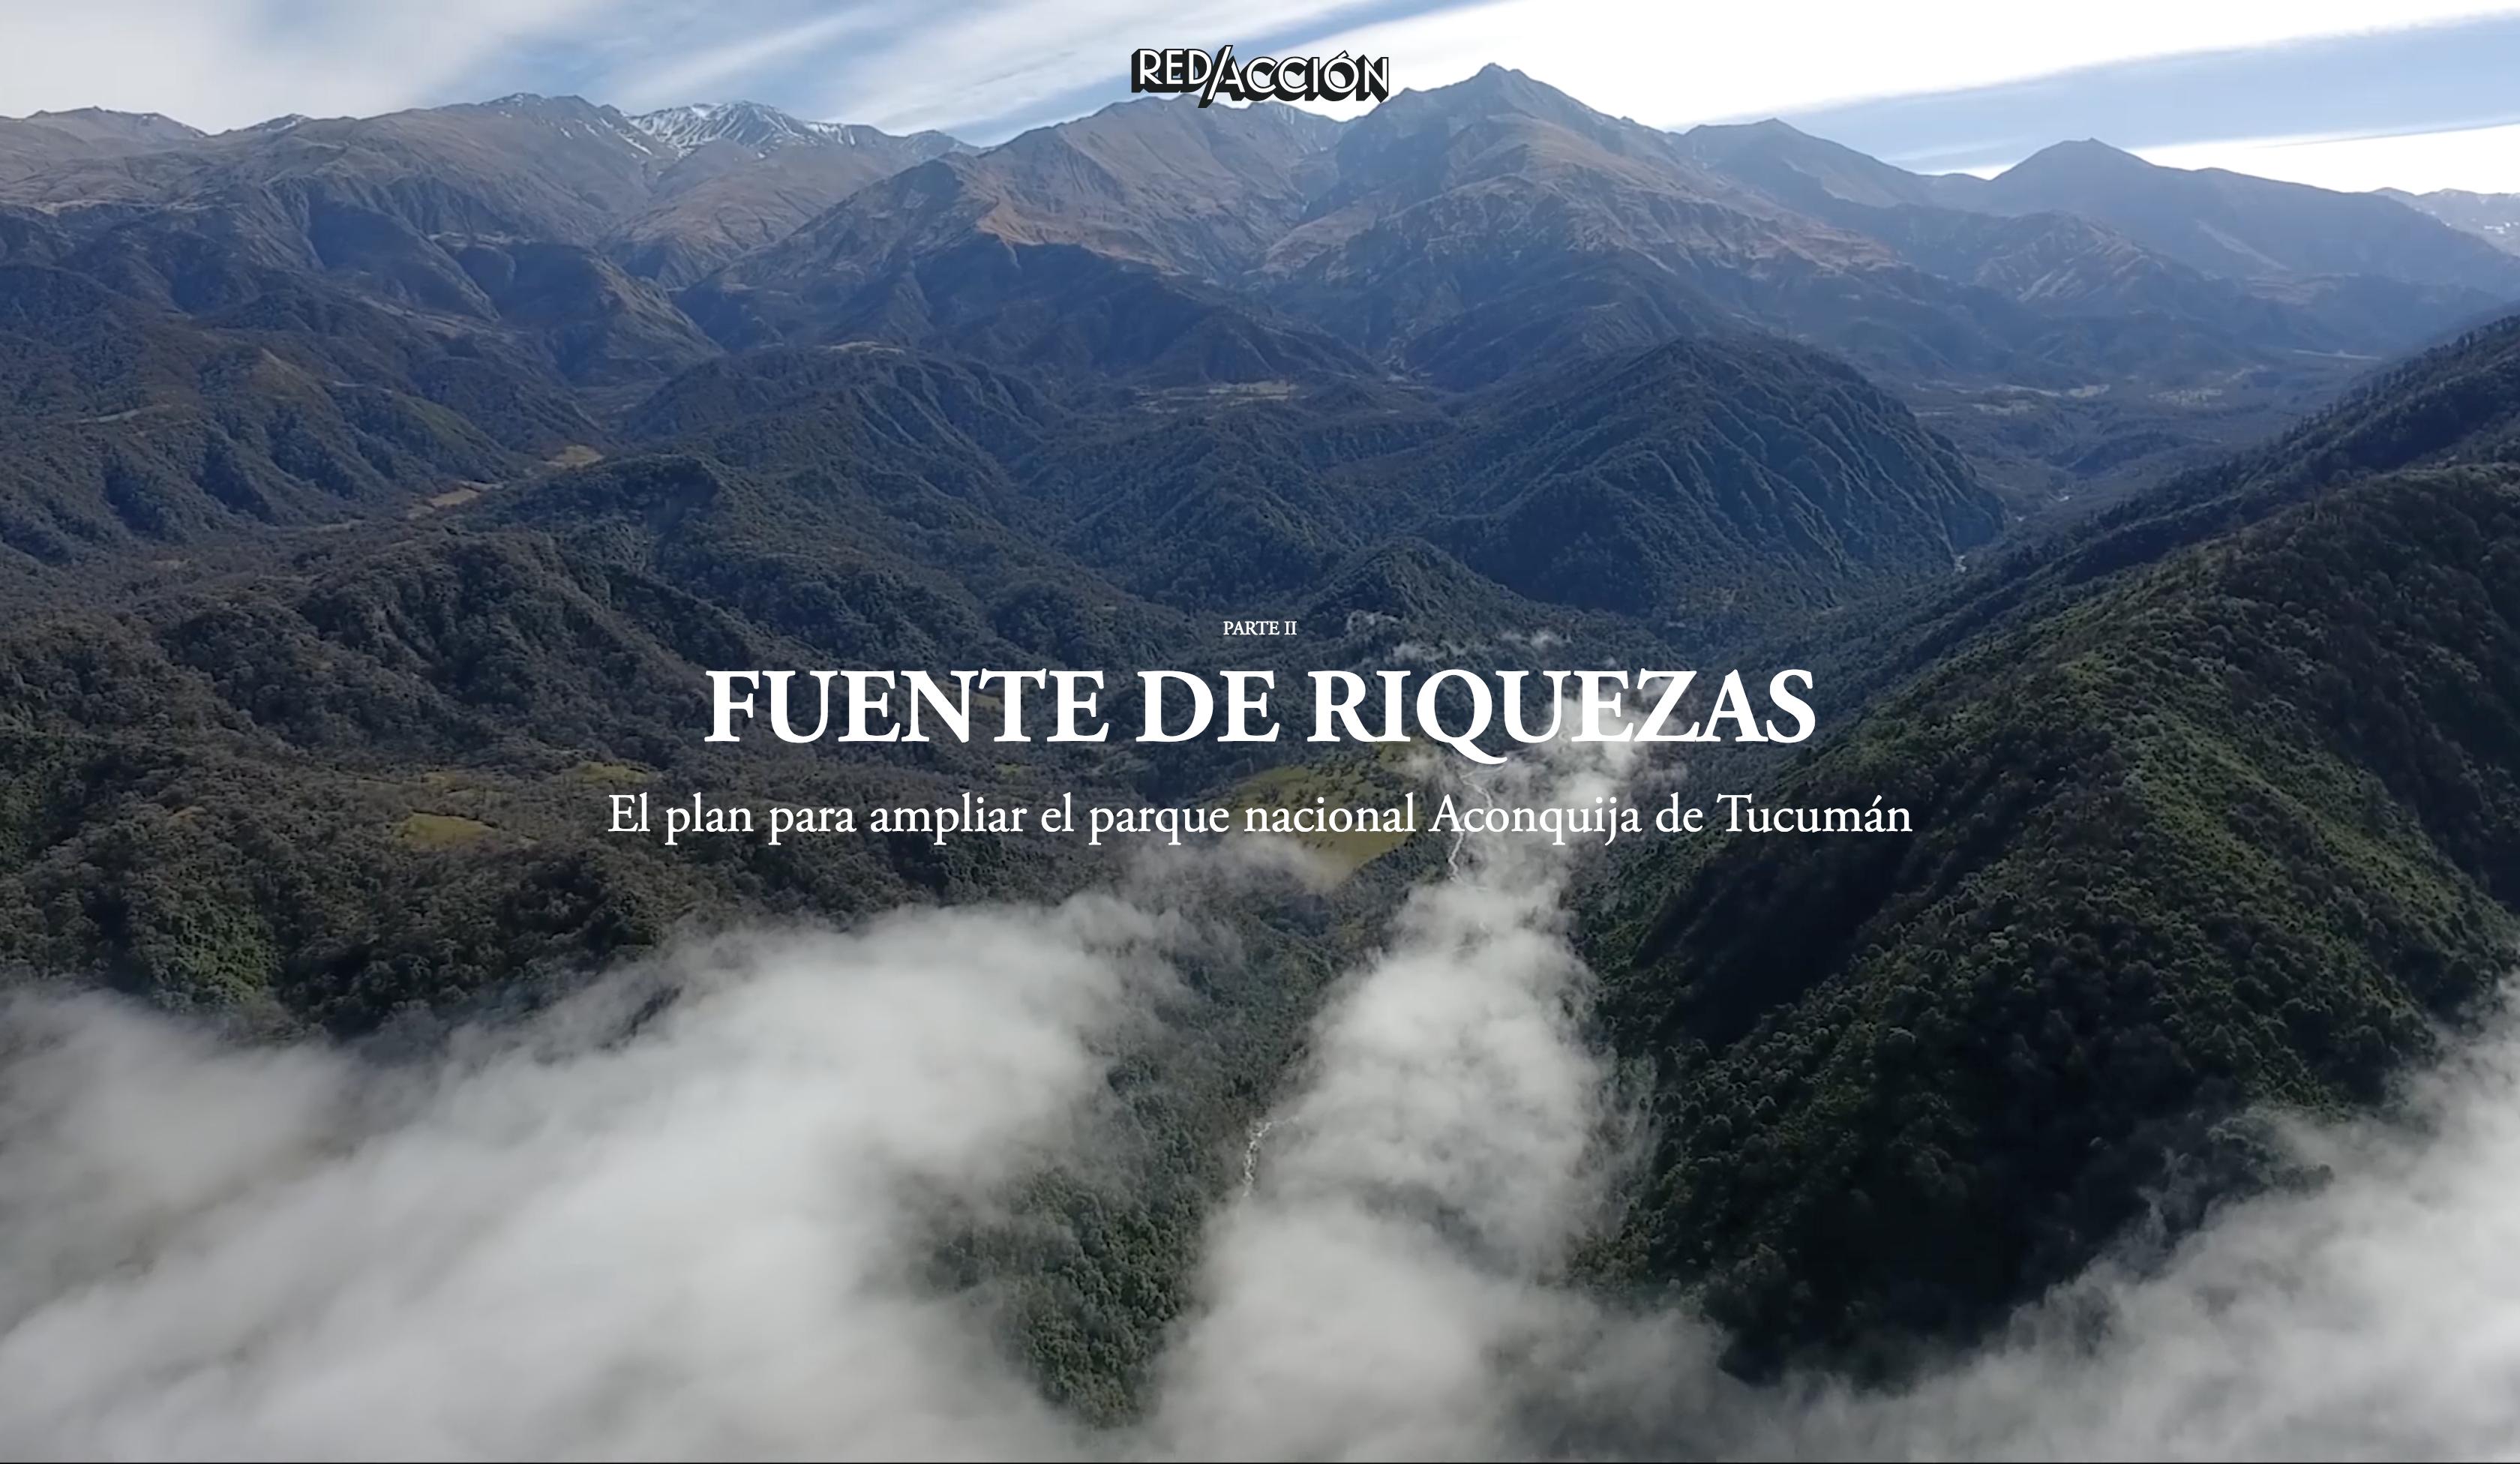 El plan para ampliar el parque nacional Aconquija de Tucumán